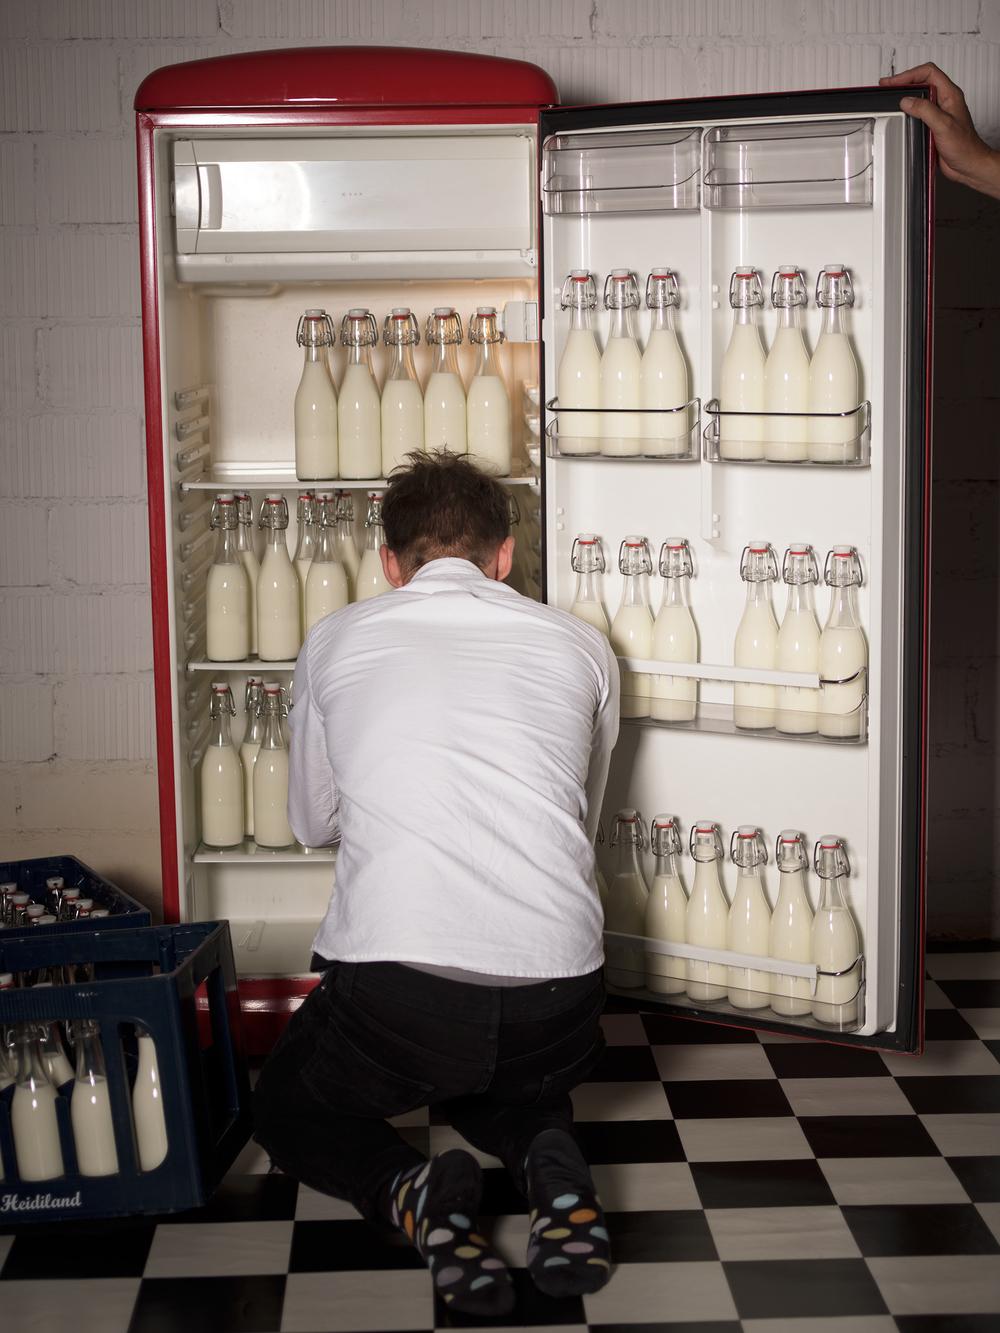 Enrico Bizzarro (unser Hairstylist) beim Auffüllen des Kühlschranks (...man beachte die schönen Socken ;-)).